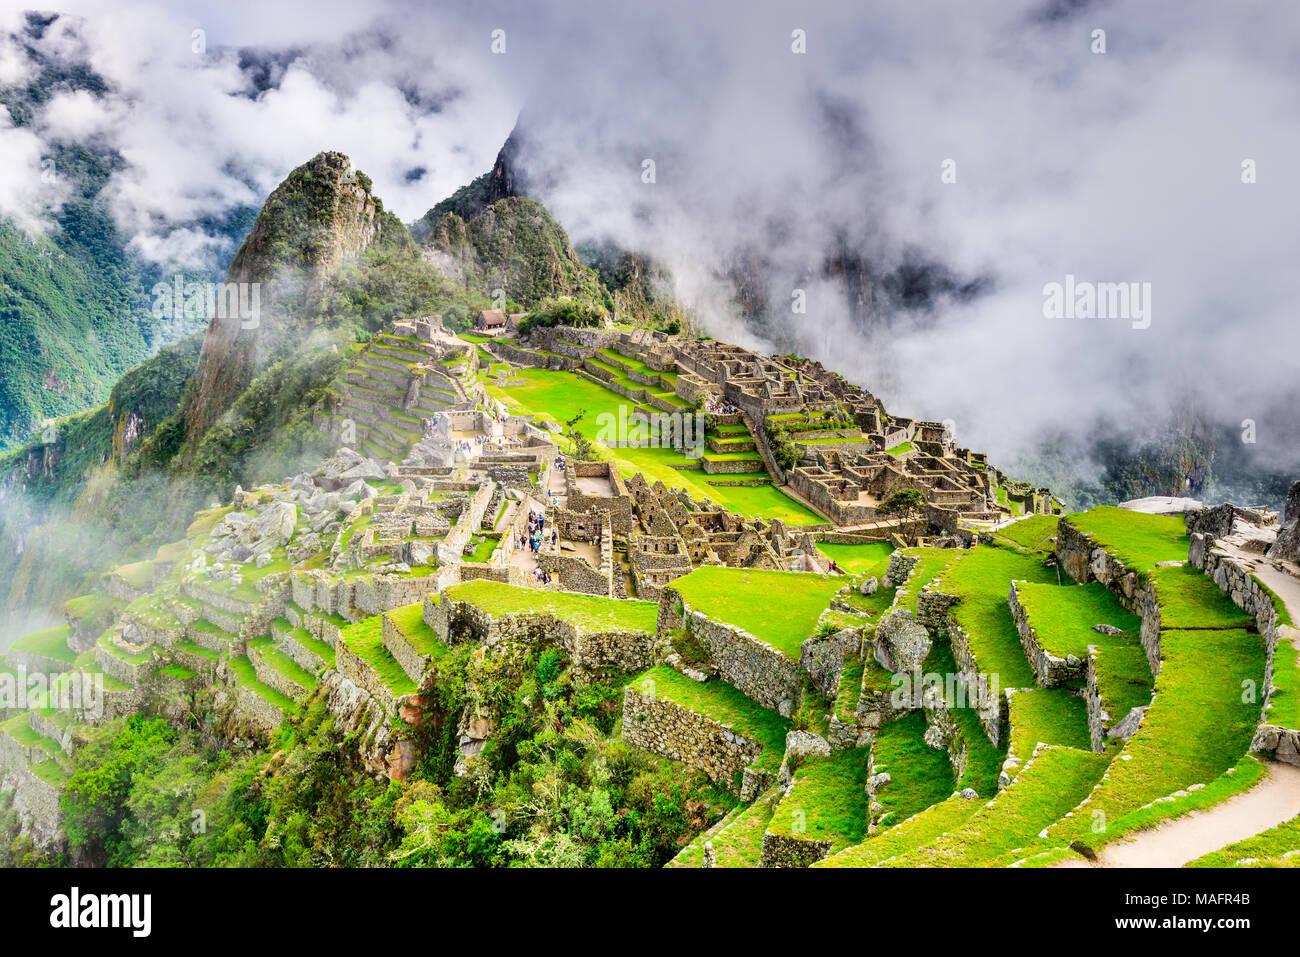 Machu Picchu en Perú - Ruinas del Imperio Inca y la ciudad de montaña Huaynapicchu en el Valle Sagrado, Cusco, en América del Sur. Imagen De Stock